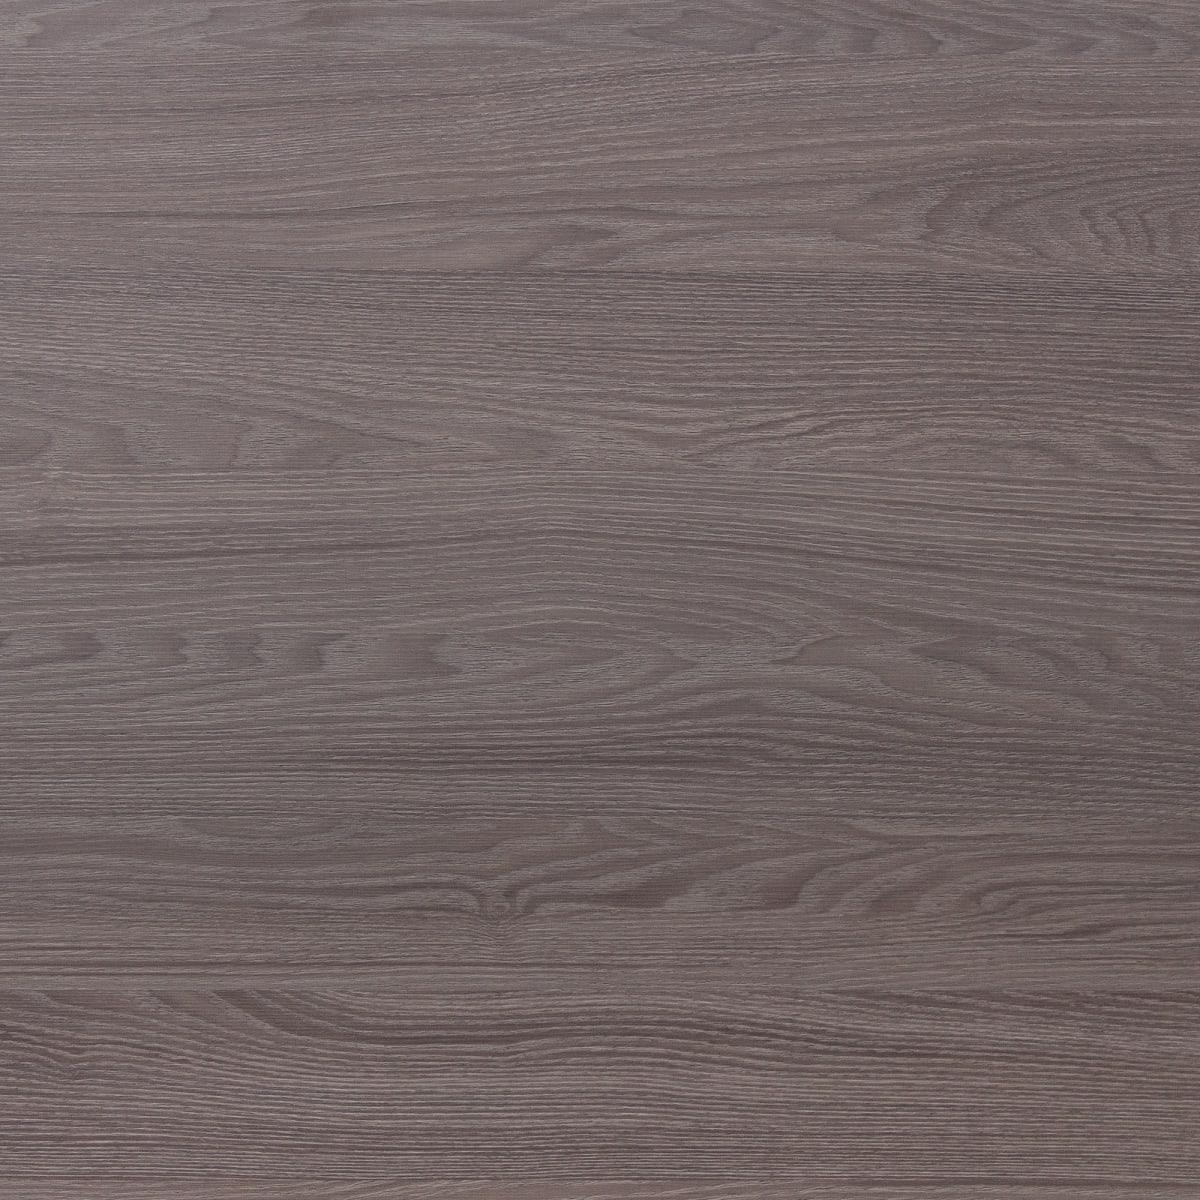 Стеновая панель «Фрейм тёмный» 240х0.6х60 см, МДФ, цвет бежевый